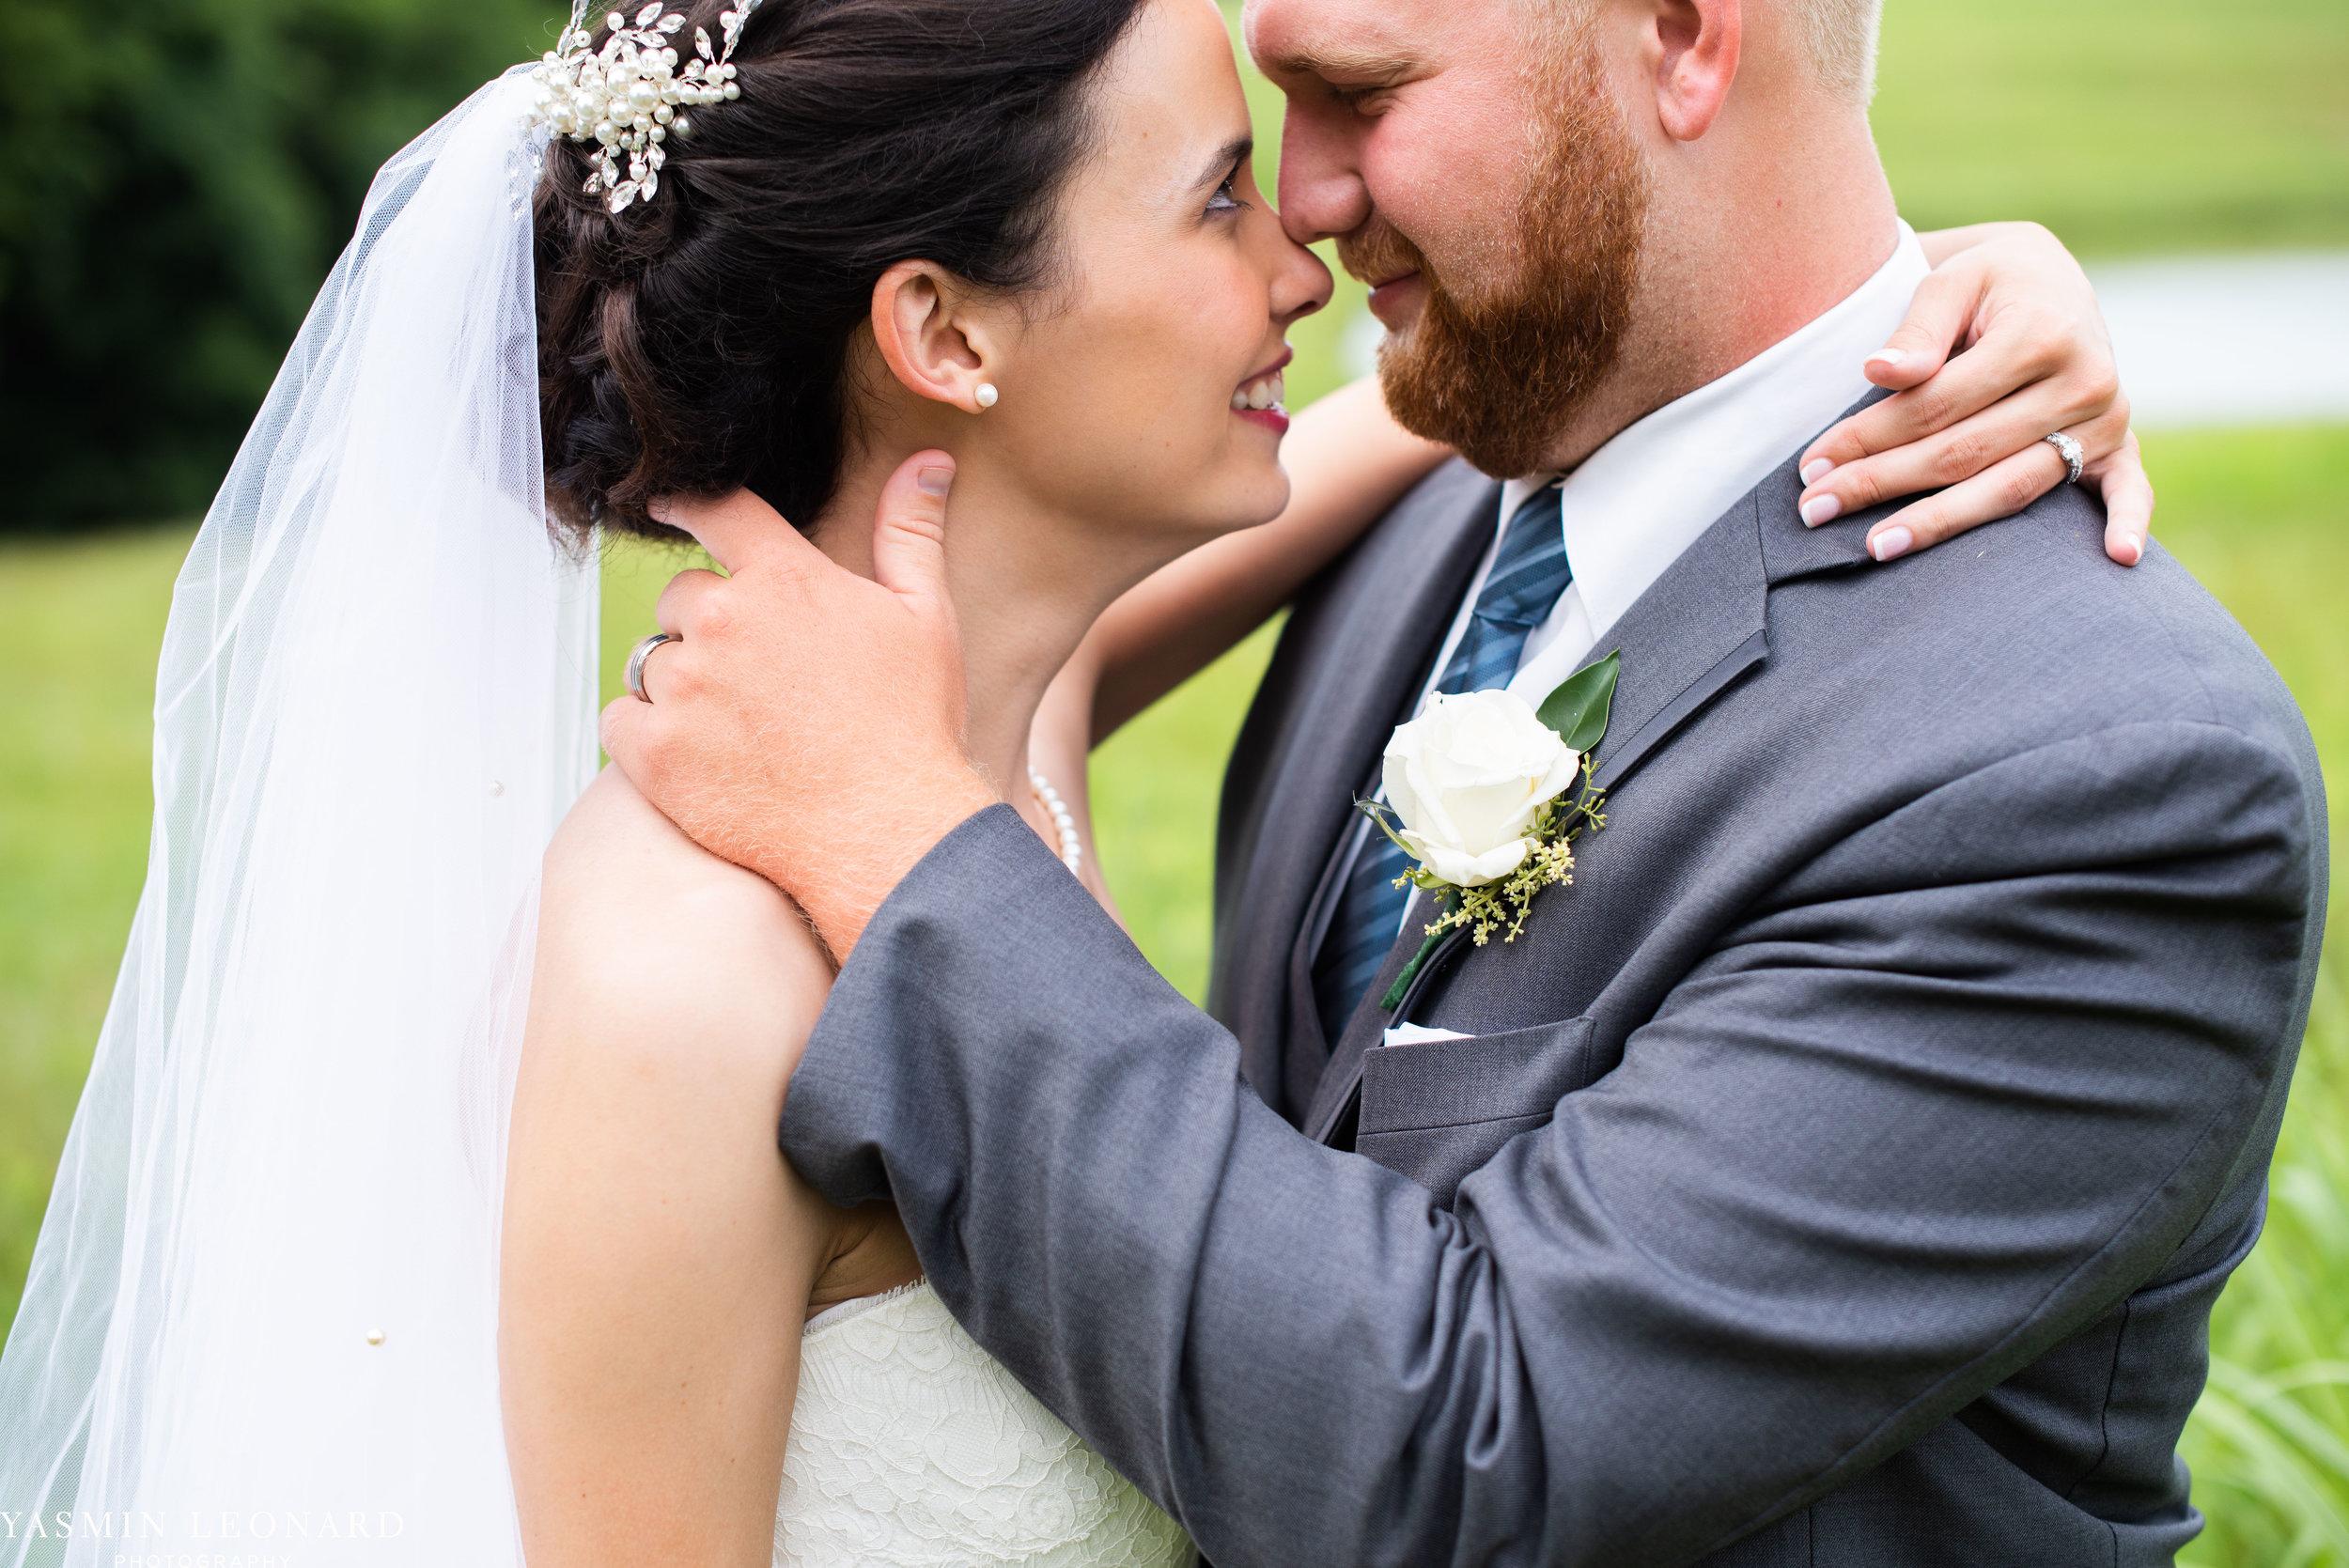 Mt. Pleasant Church - Church Wedding - Traditional Wedding - Church Ceremony - Country Wedding - Godly Wedding - NC Wedding Photographer - High Point Weddings - Triad Weddings - NC Venues-39.jpg